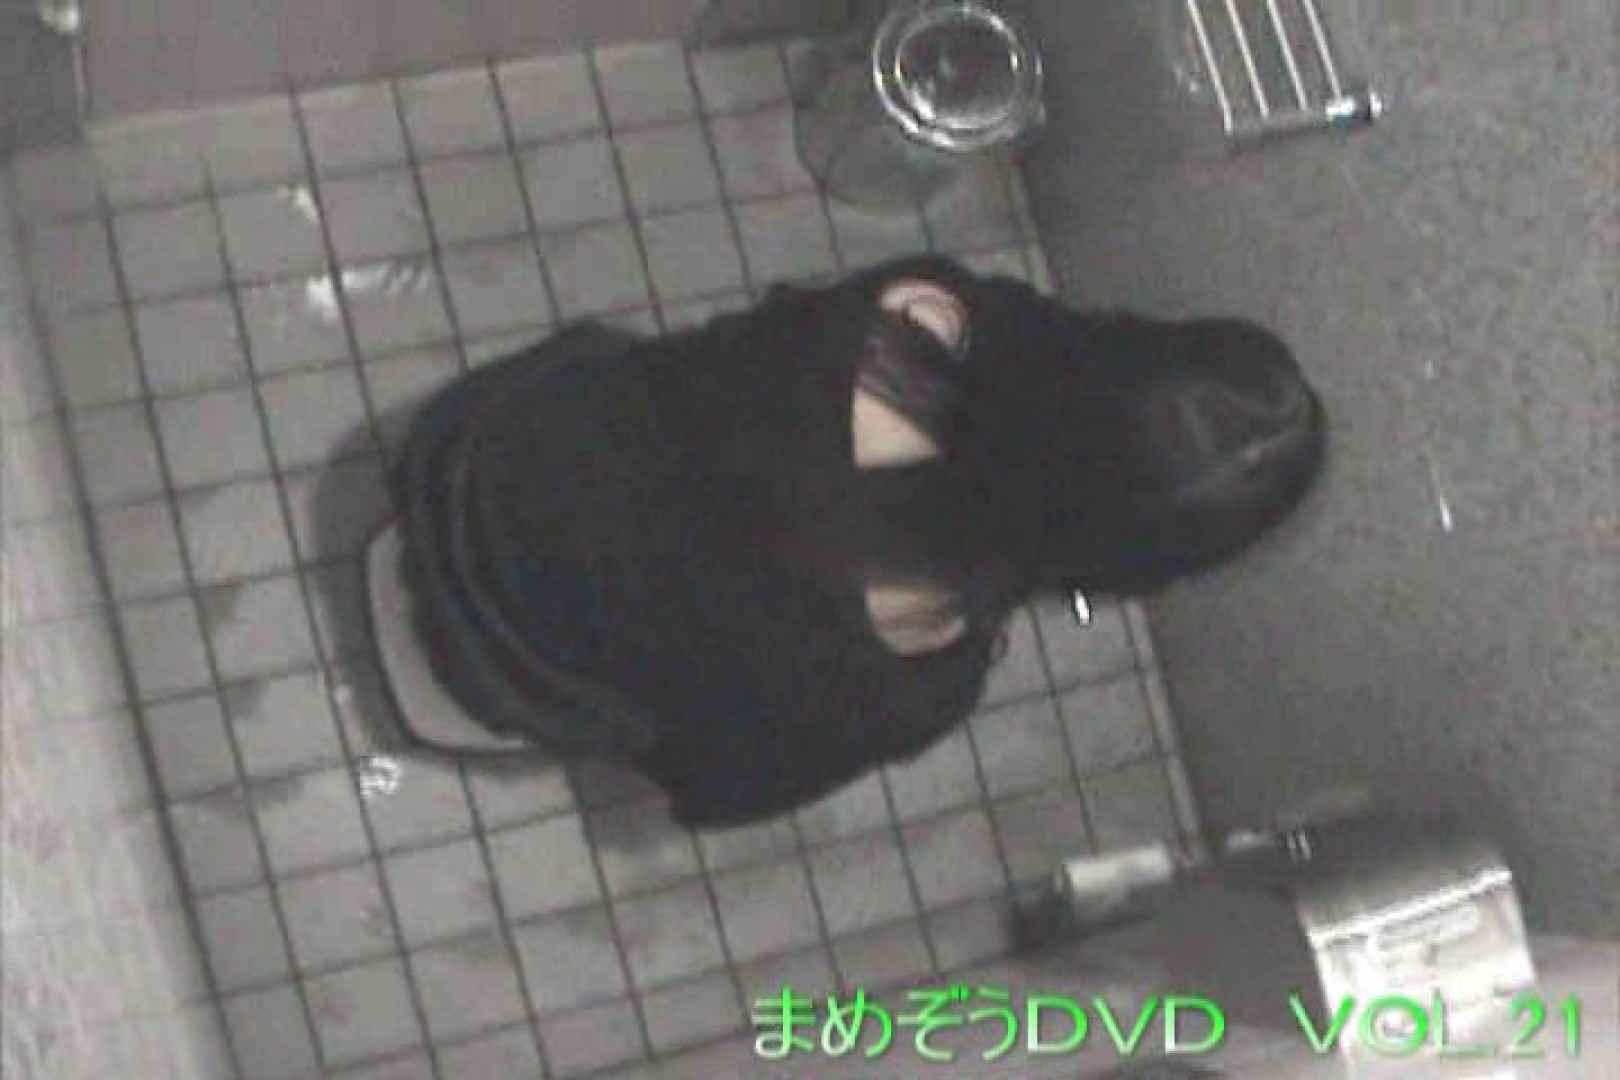 まめぞうDVD完全版VOL.21 洗面所 | ギャル攻め  91画像 73